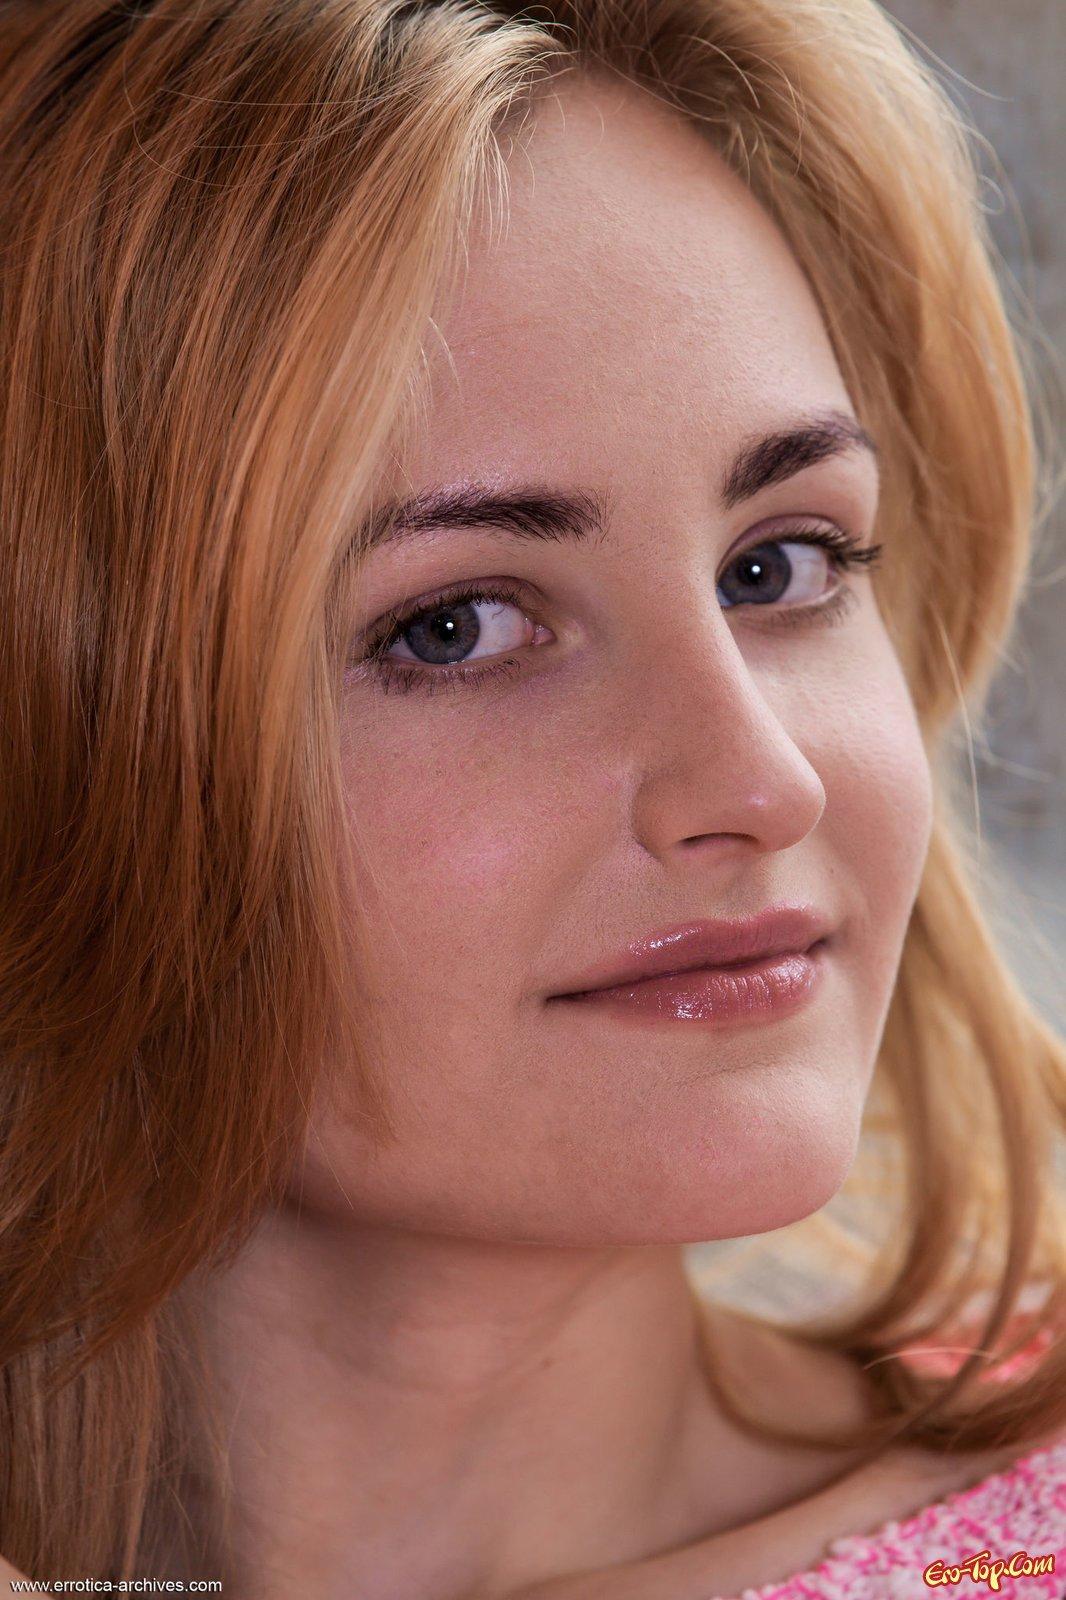 Симпатичная девка сняла трусы продемонстрировав стриженную киску